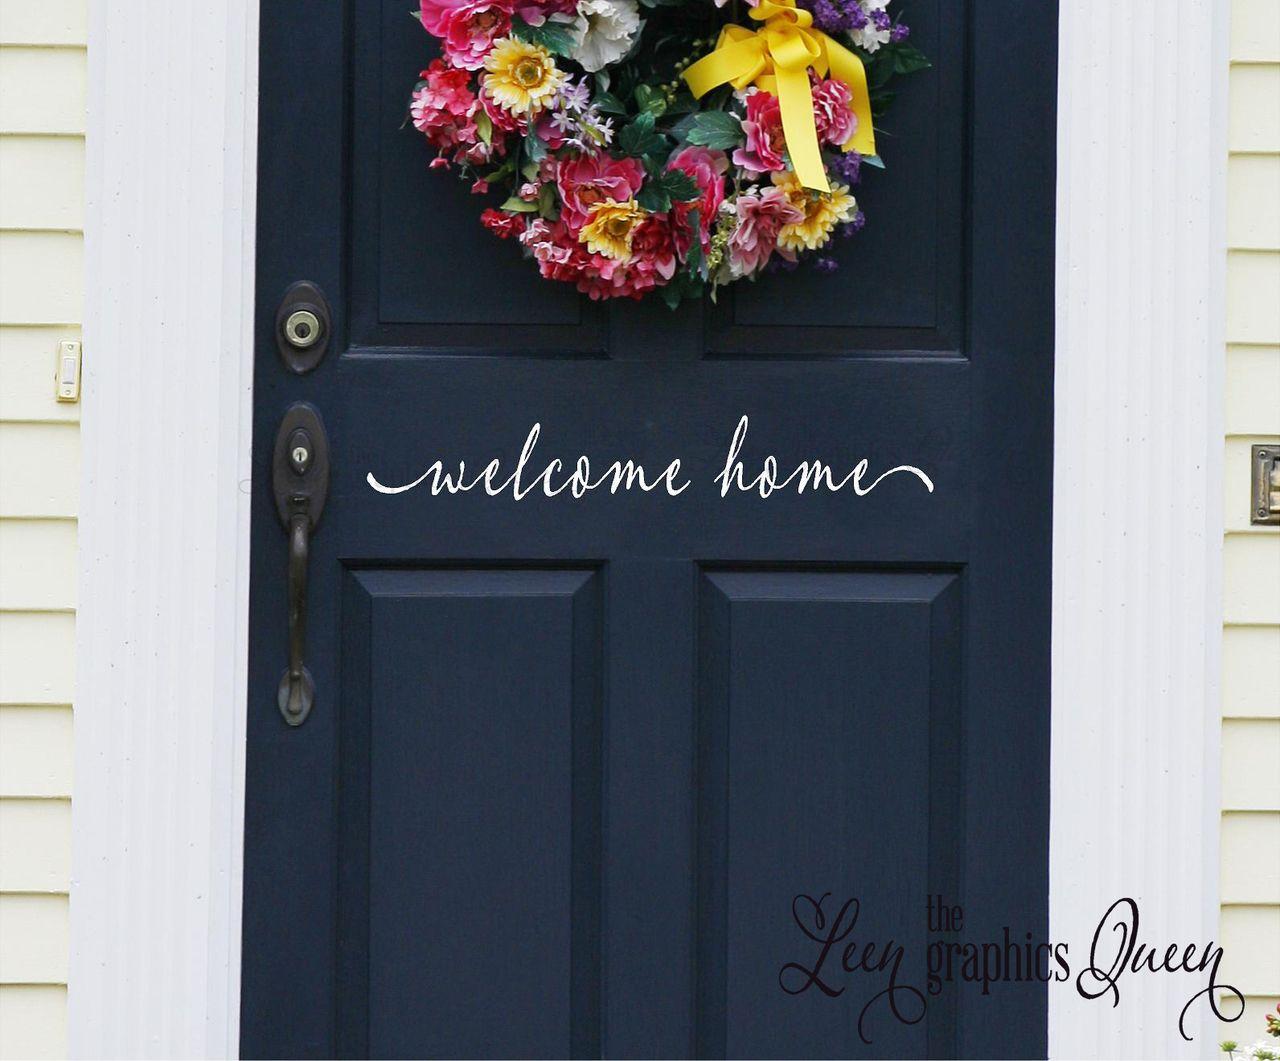 Leen the Graphics Queen - Welcome Home Front Door Vinyl Wall Decal $10.00 (  sc 1 st  Pinterest & Welcome Home Front Door Vinyl Wall Decal | Front doors Wall decals ...